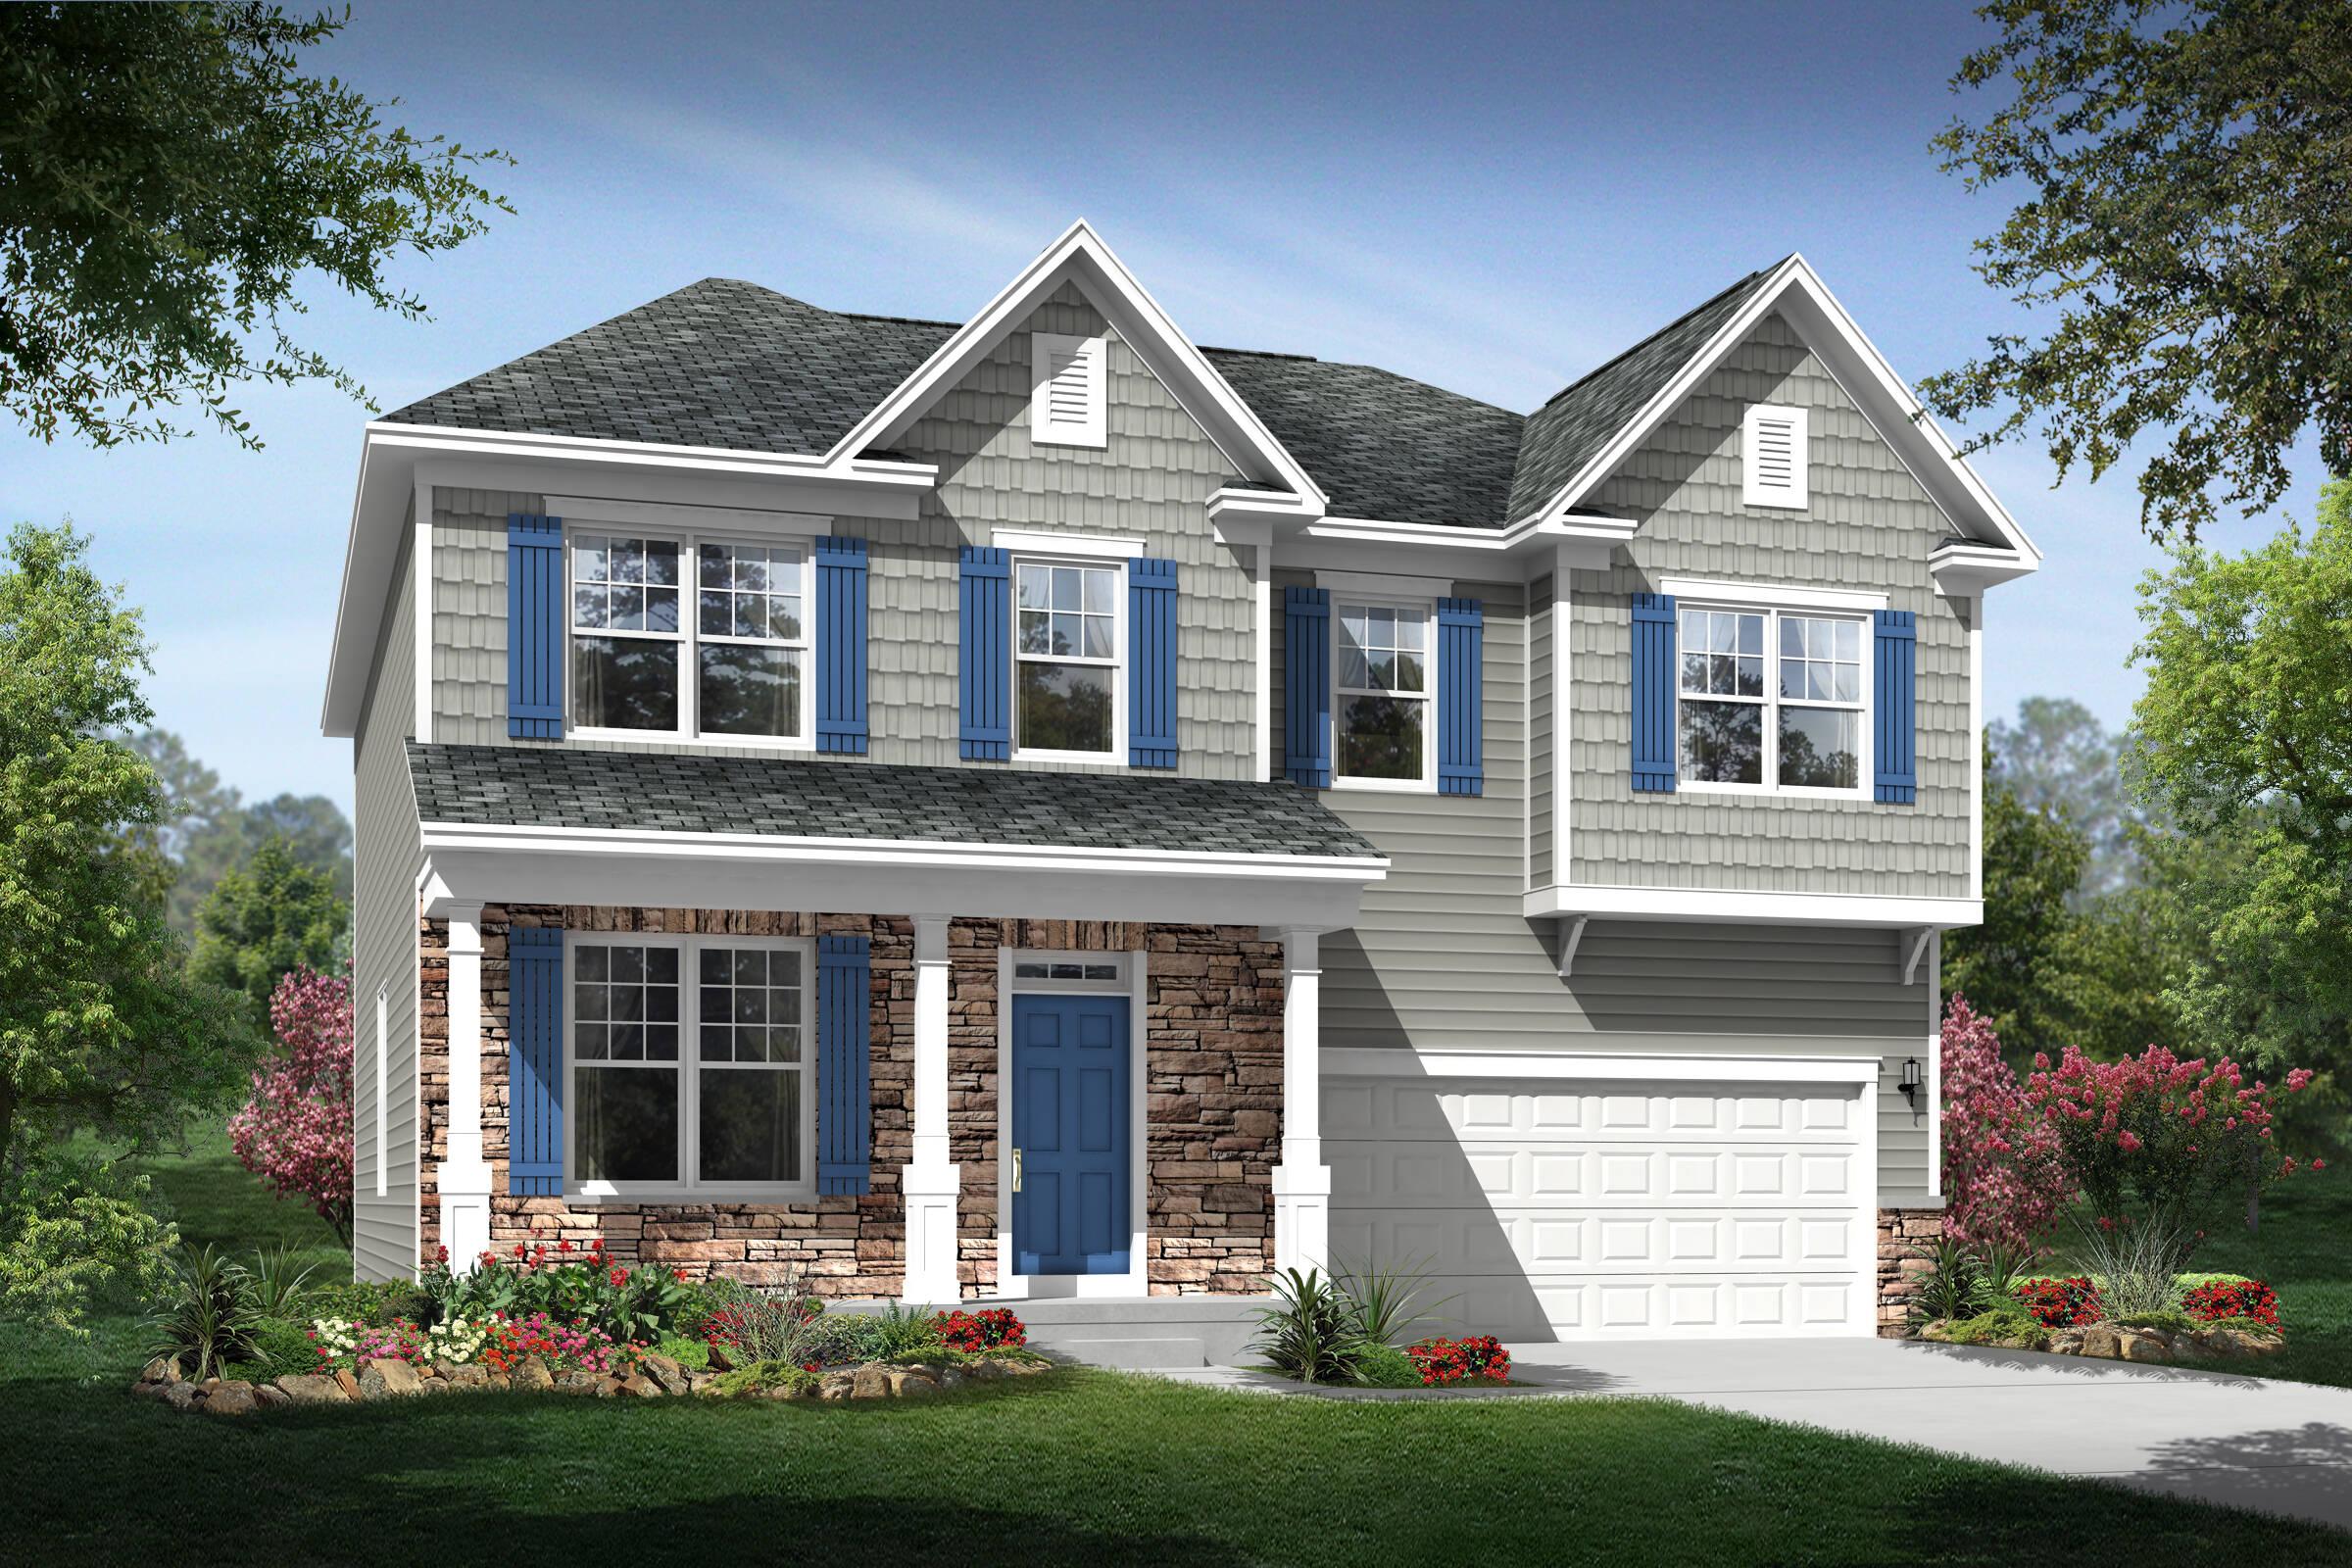 tomasen f stone new homes avon lake cleveland northeast ohio